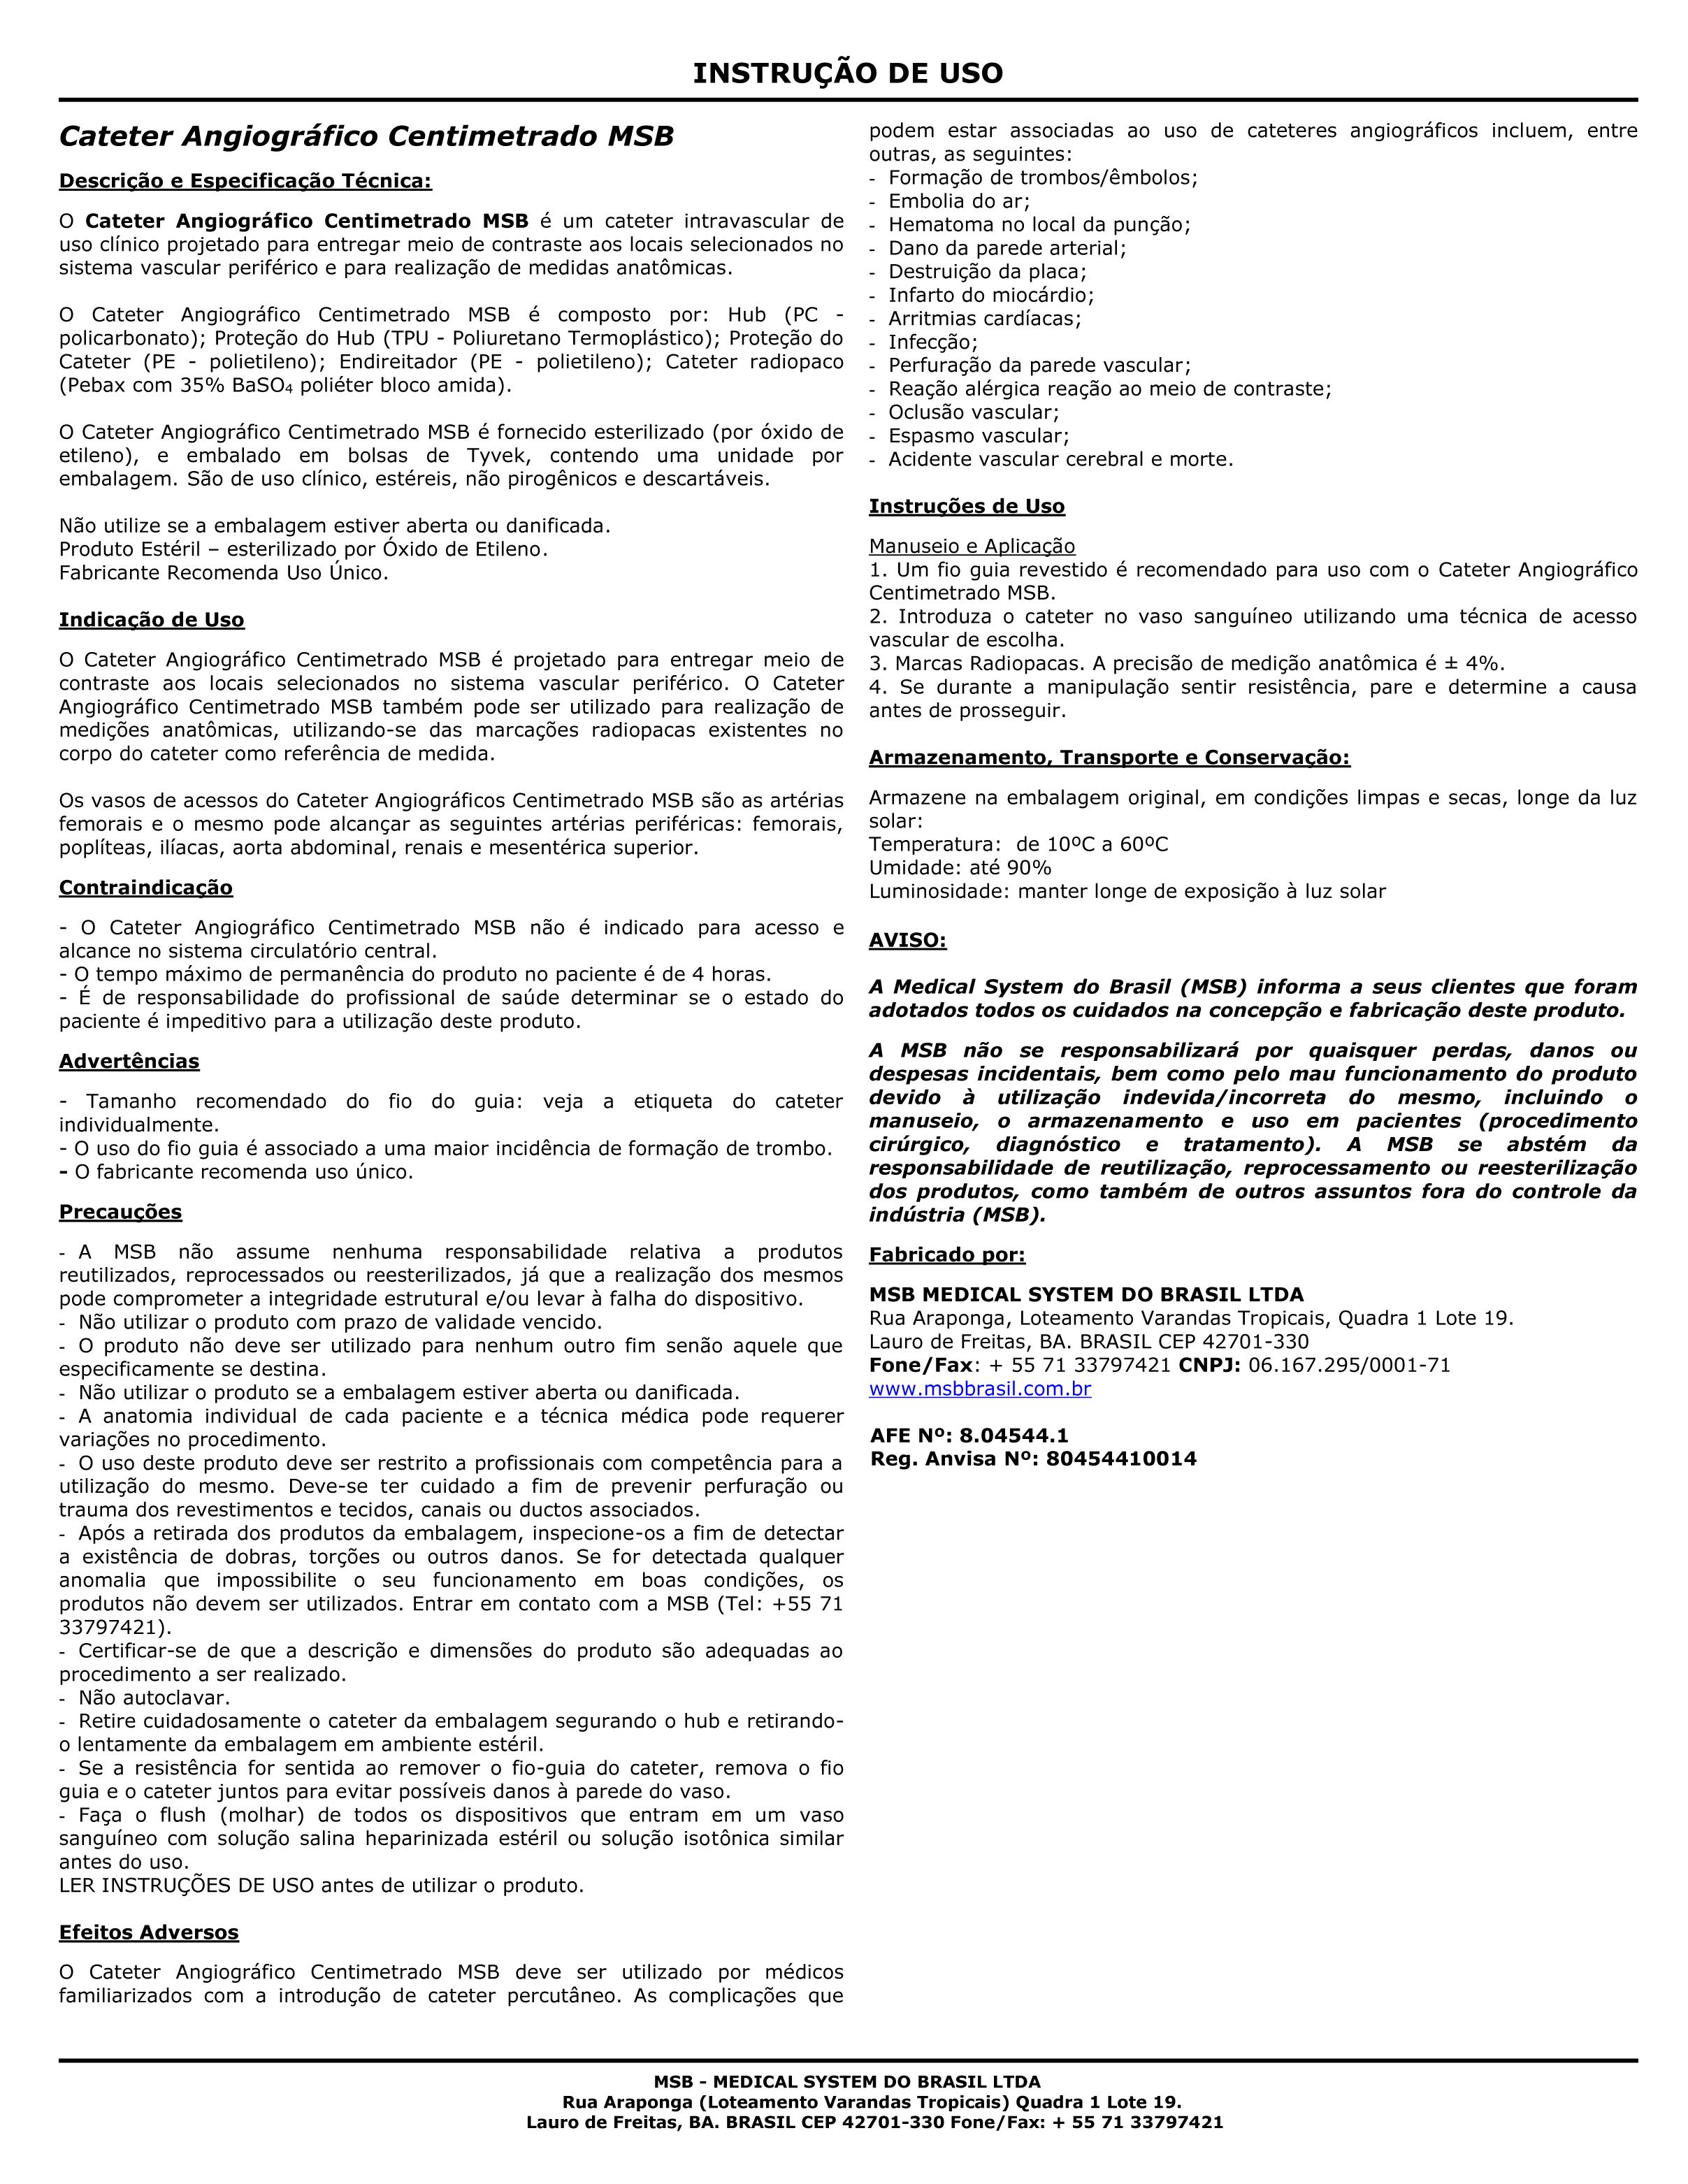 IU-Cateter-Angiográfico-Centimetrado—80454410014-